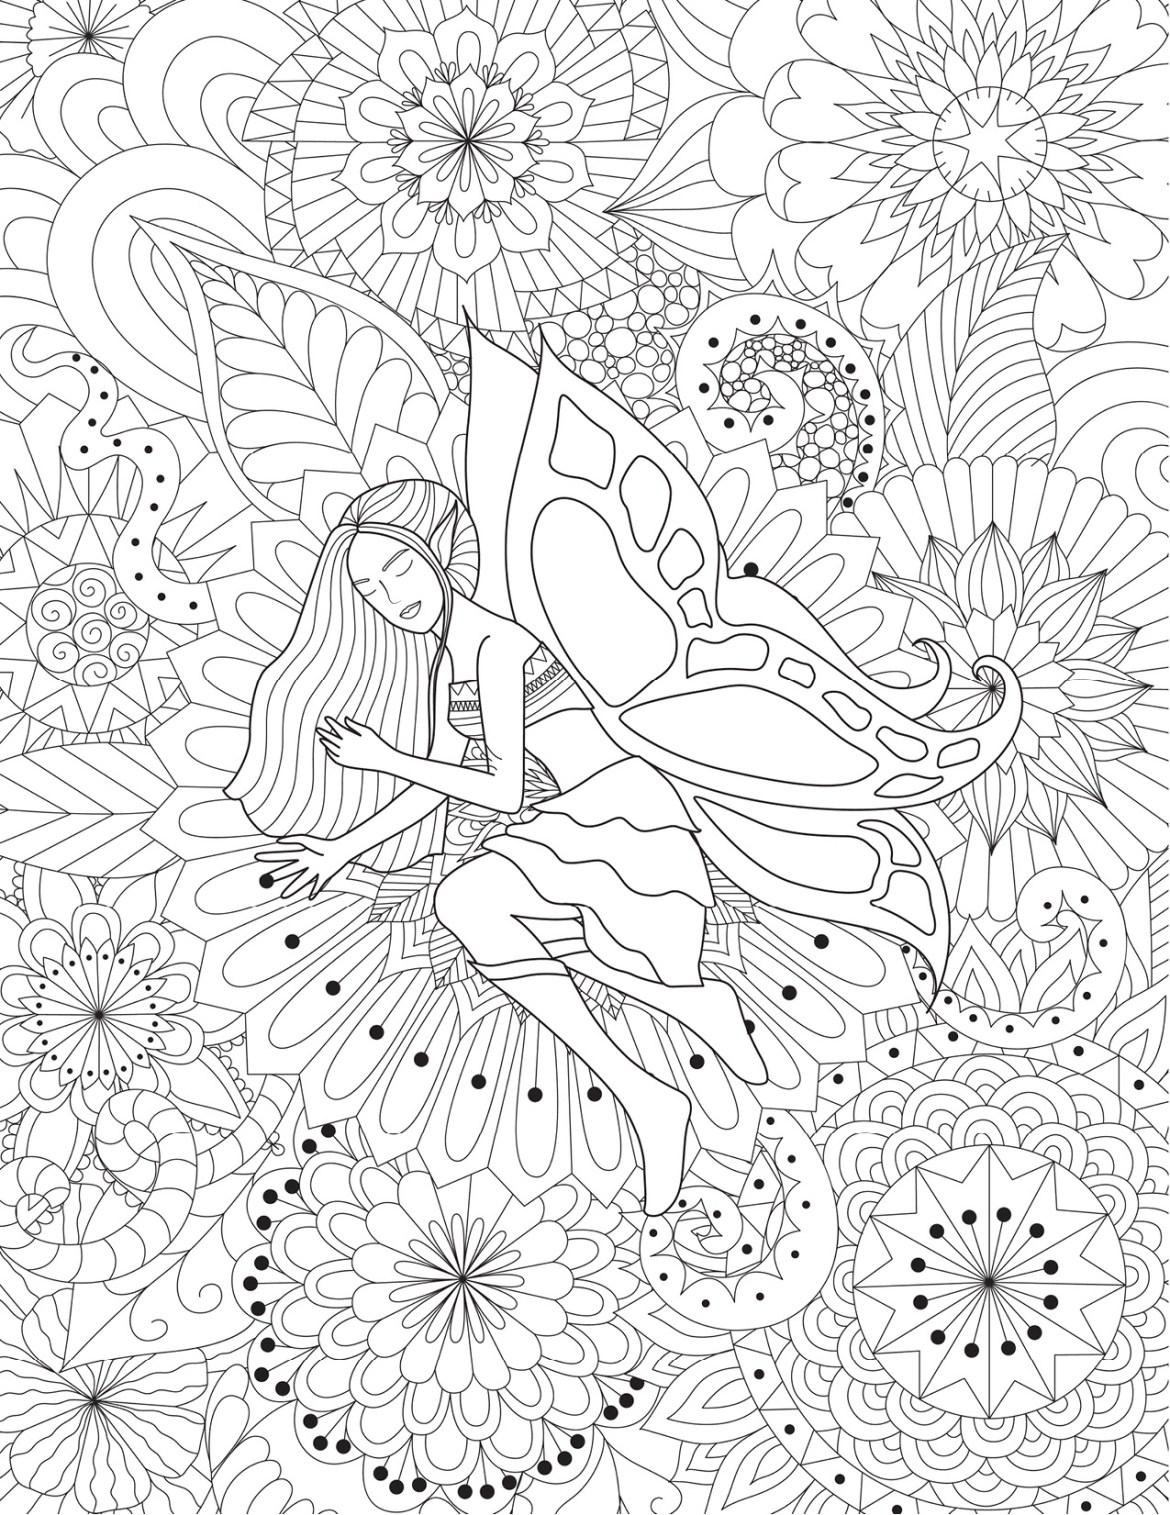 Mandalas avec fée coloriage très difficile à imprimer - Artherapie.ca